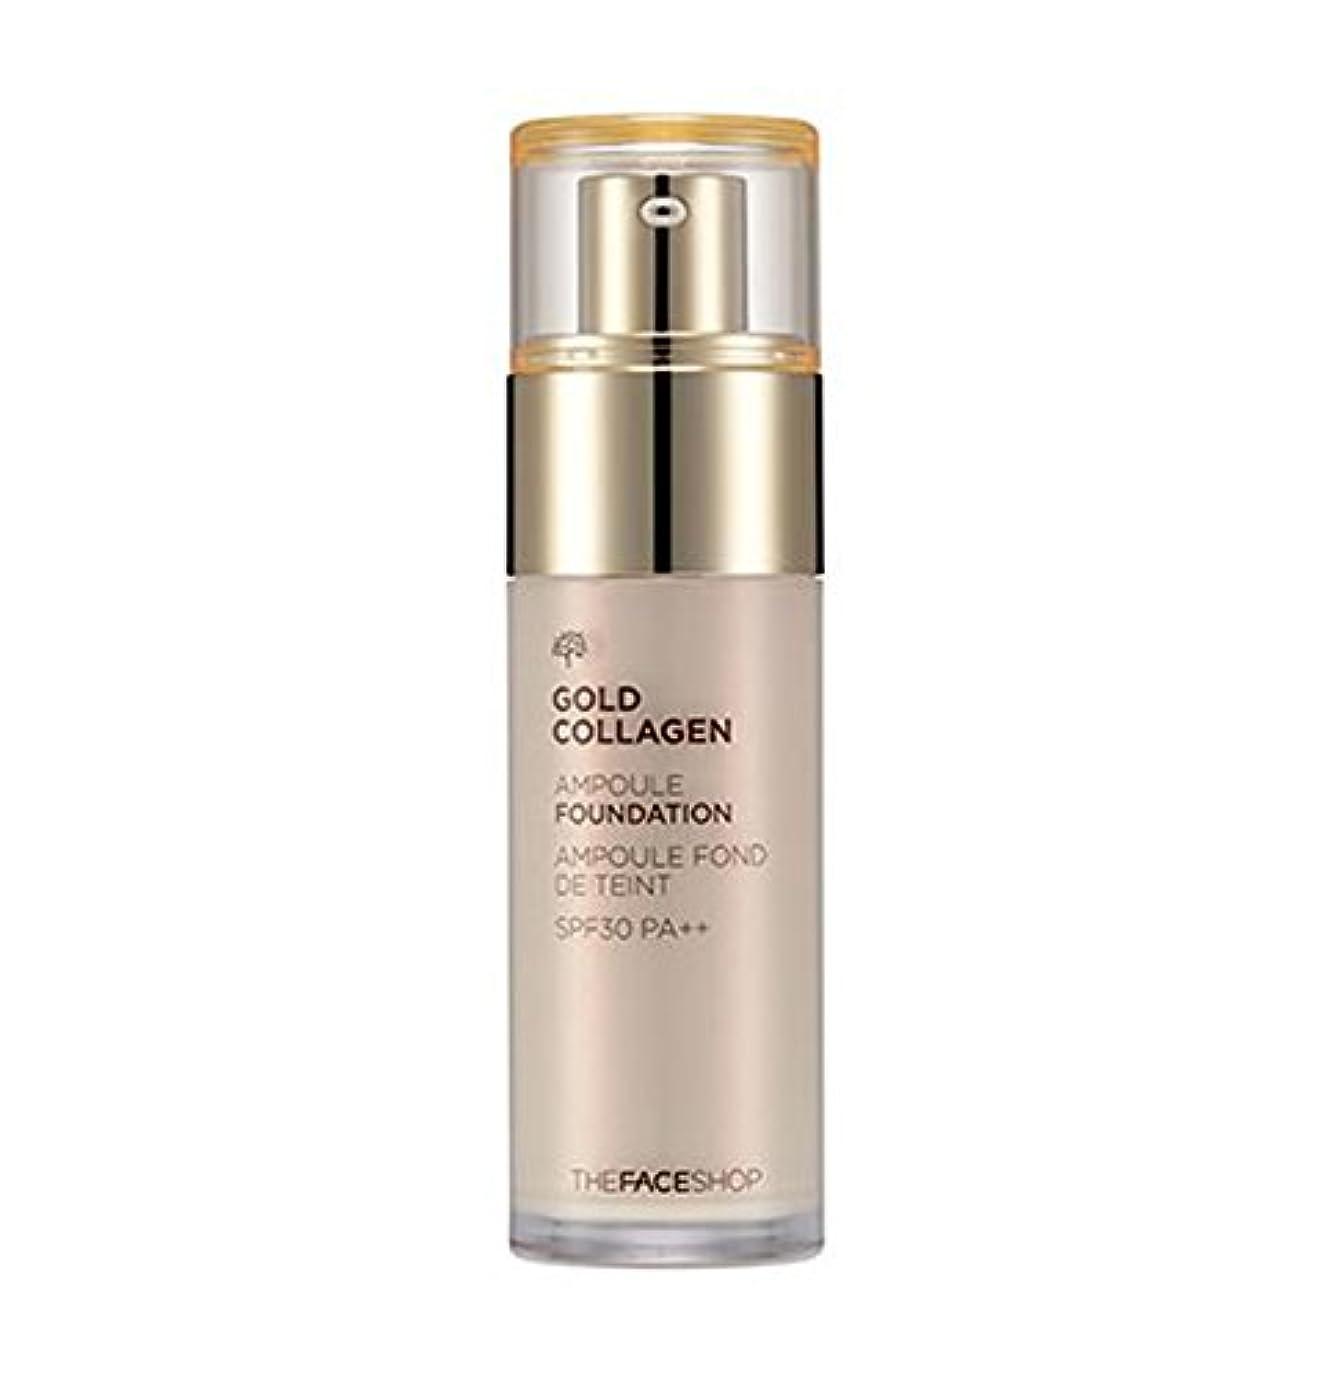 豊富にもっともらしい結論【韓国コスメ.ザ·フェイスショップ】ゴールドコラーゲンアンプルファンデーションSPF30 PA +++ 40ml [The Face Shop]Gold Collagen Ampoule Foundation 【海外直送品】 (V203 ウォームベージュ)